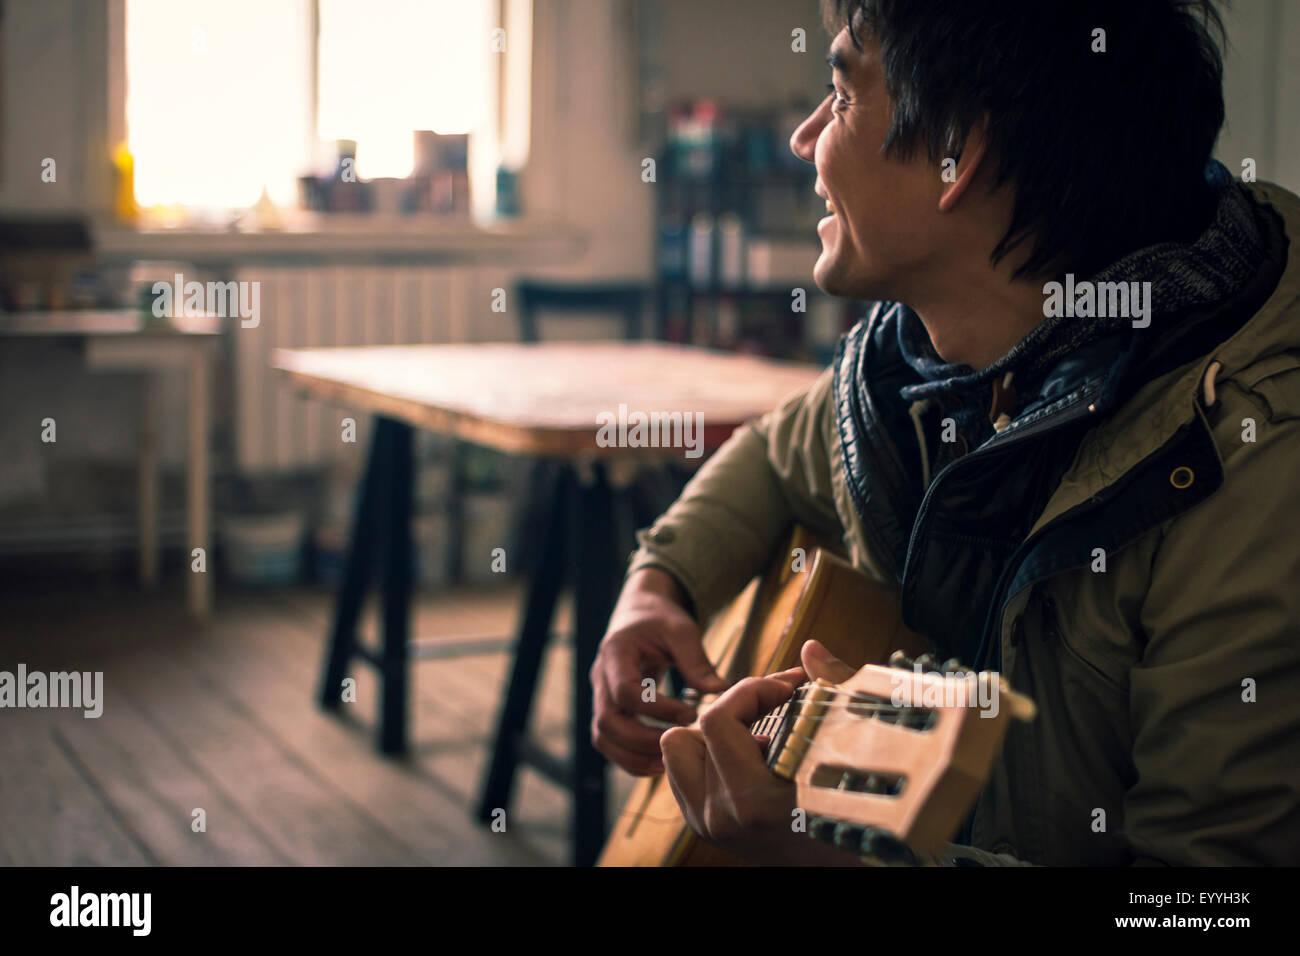 L'homme asiatique qui joue de la guitare à l'intérieur Banque D'Images